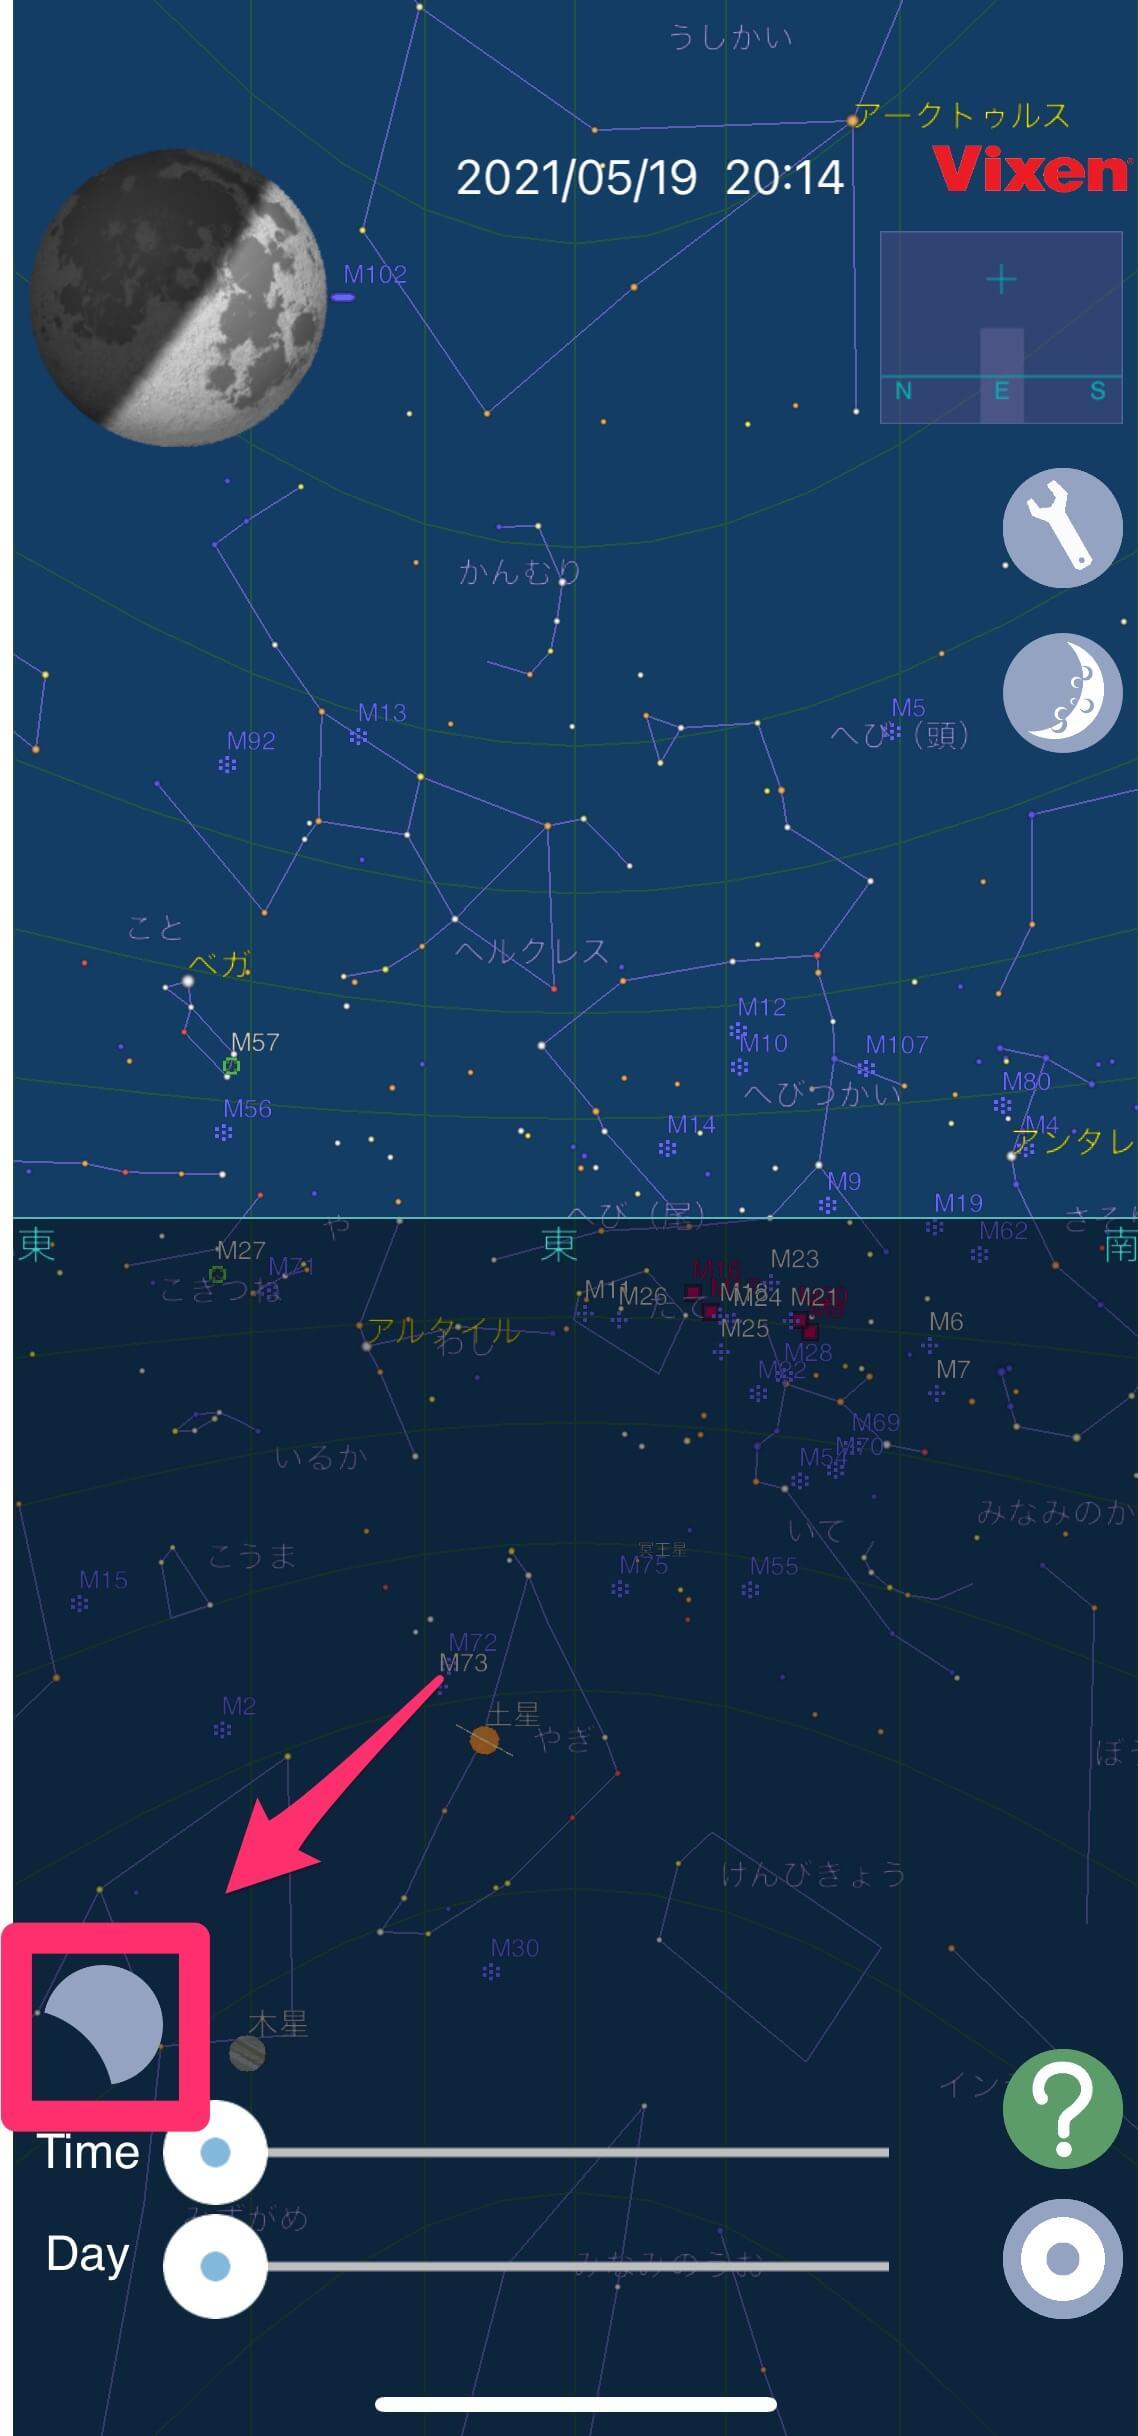 5月26日は皆既月食+スーパームーン! iPhone/Androidアプリで時間や方角を確認しておこう